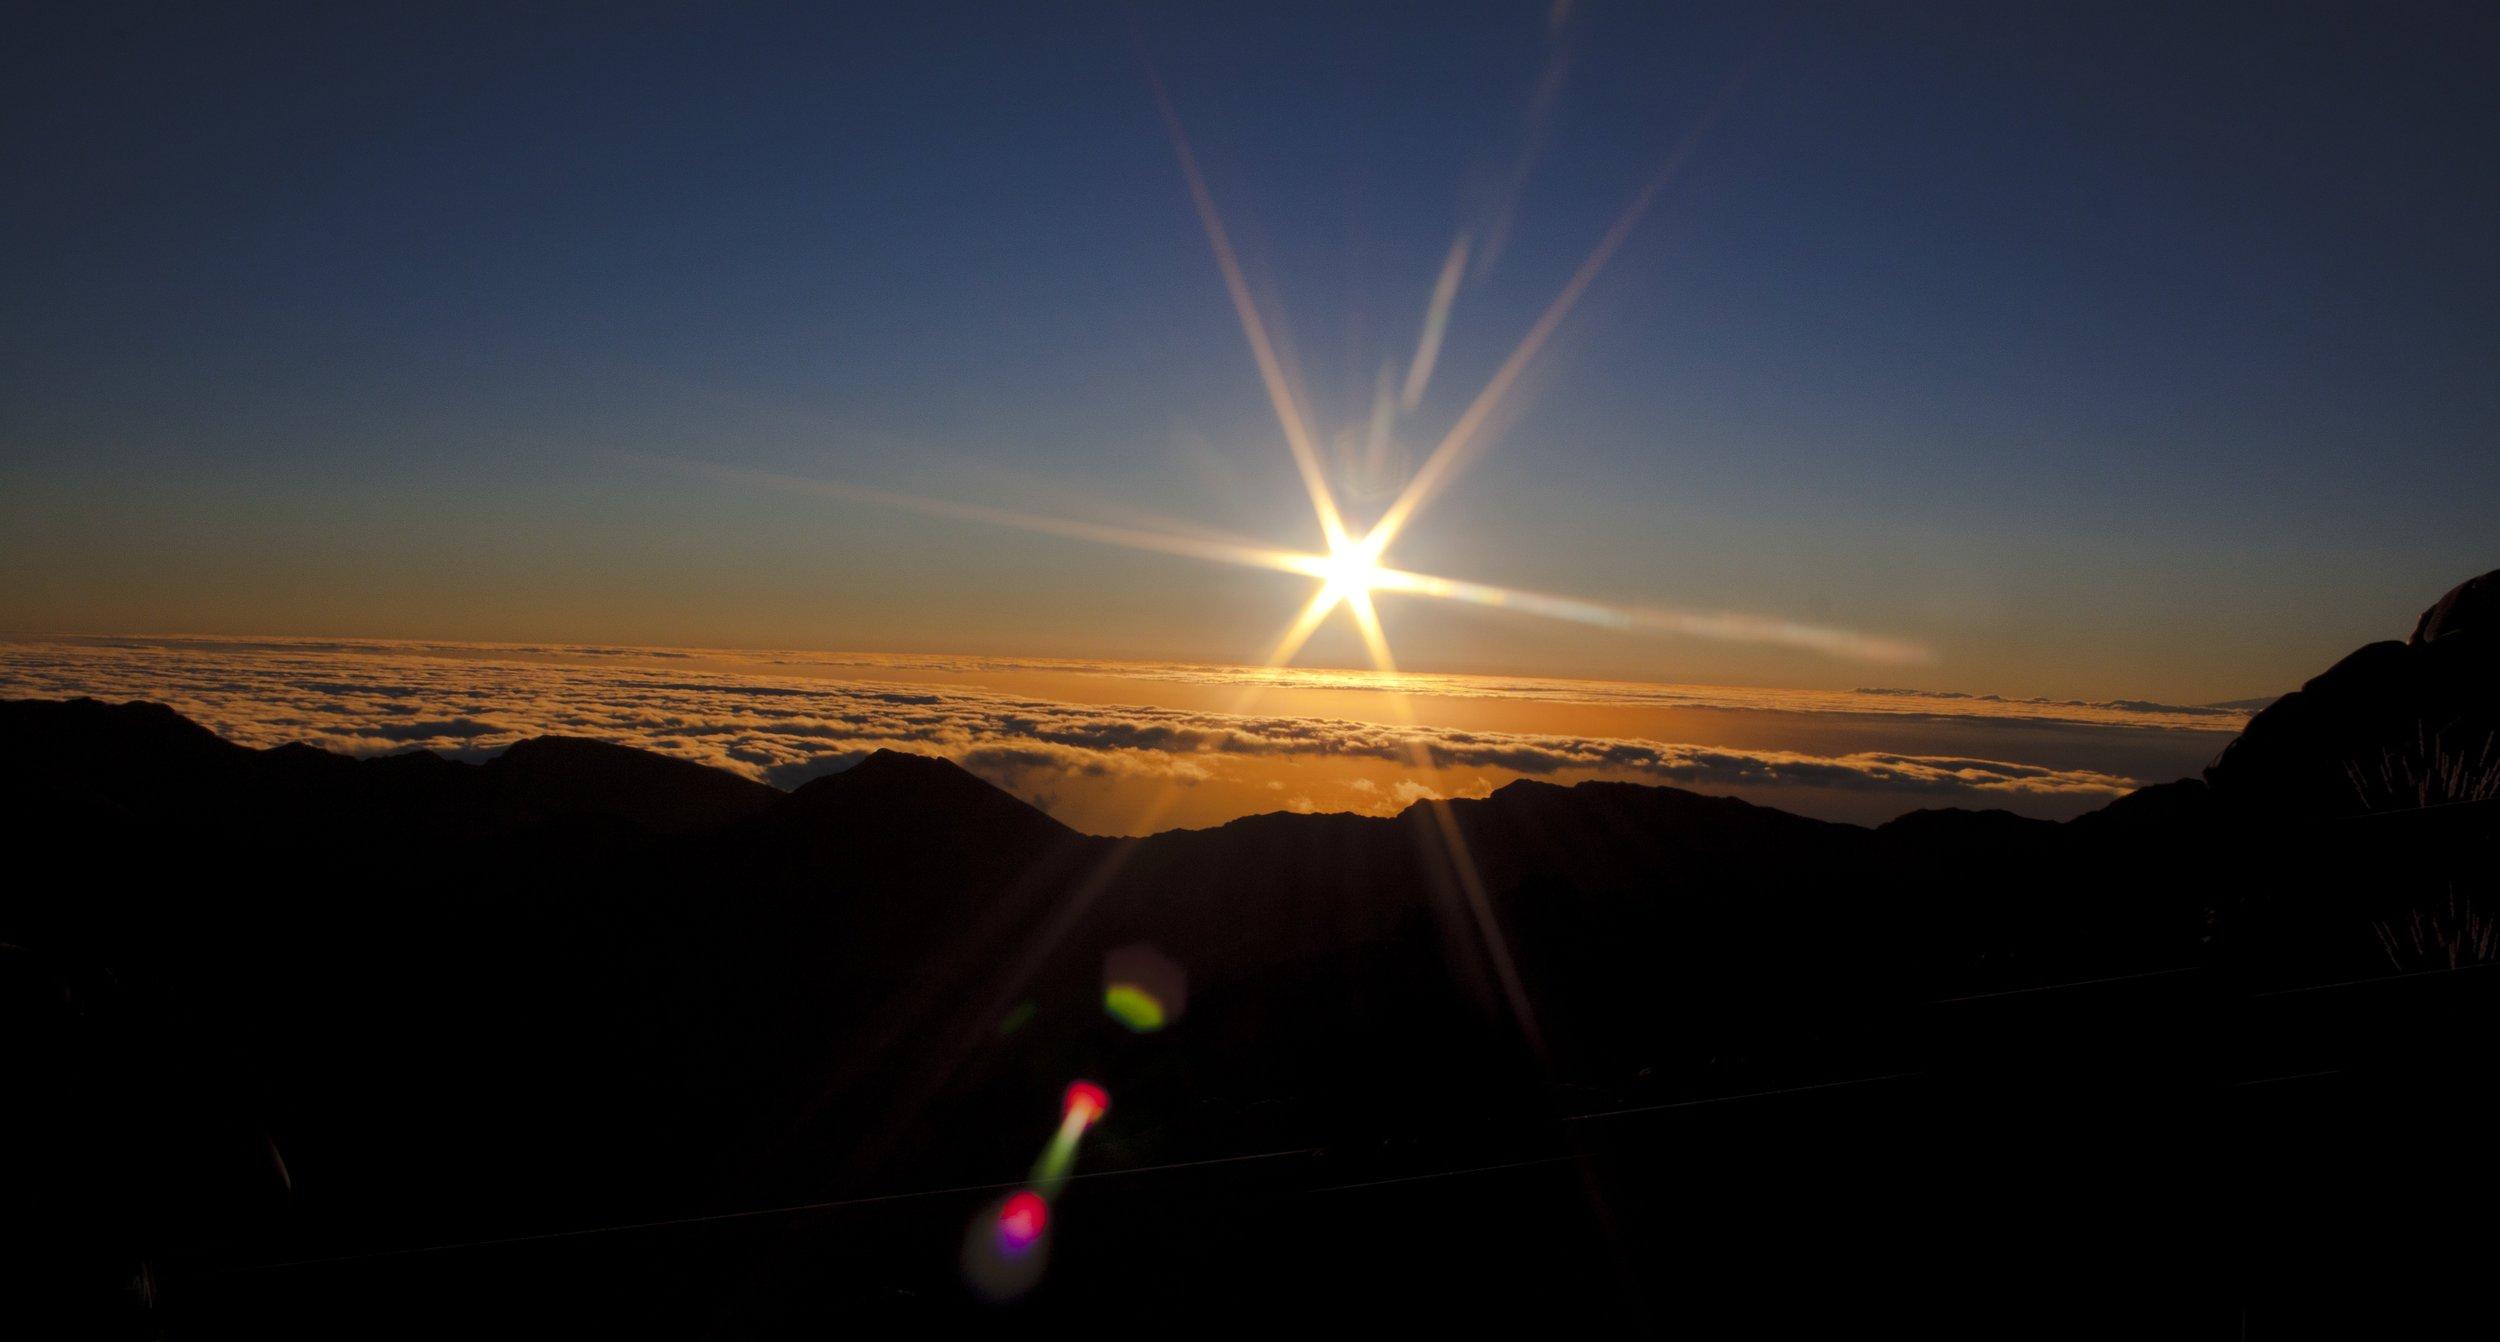 Maui_sunrise_Haleakala